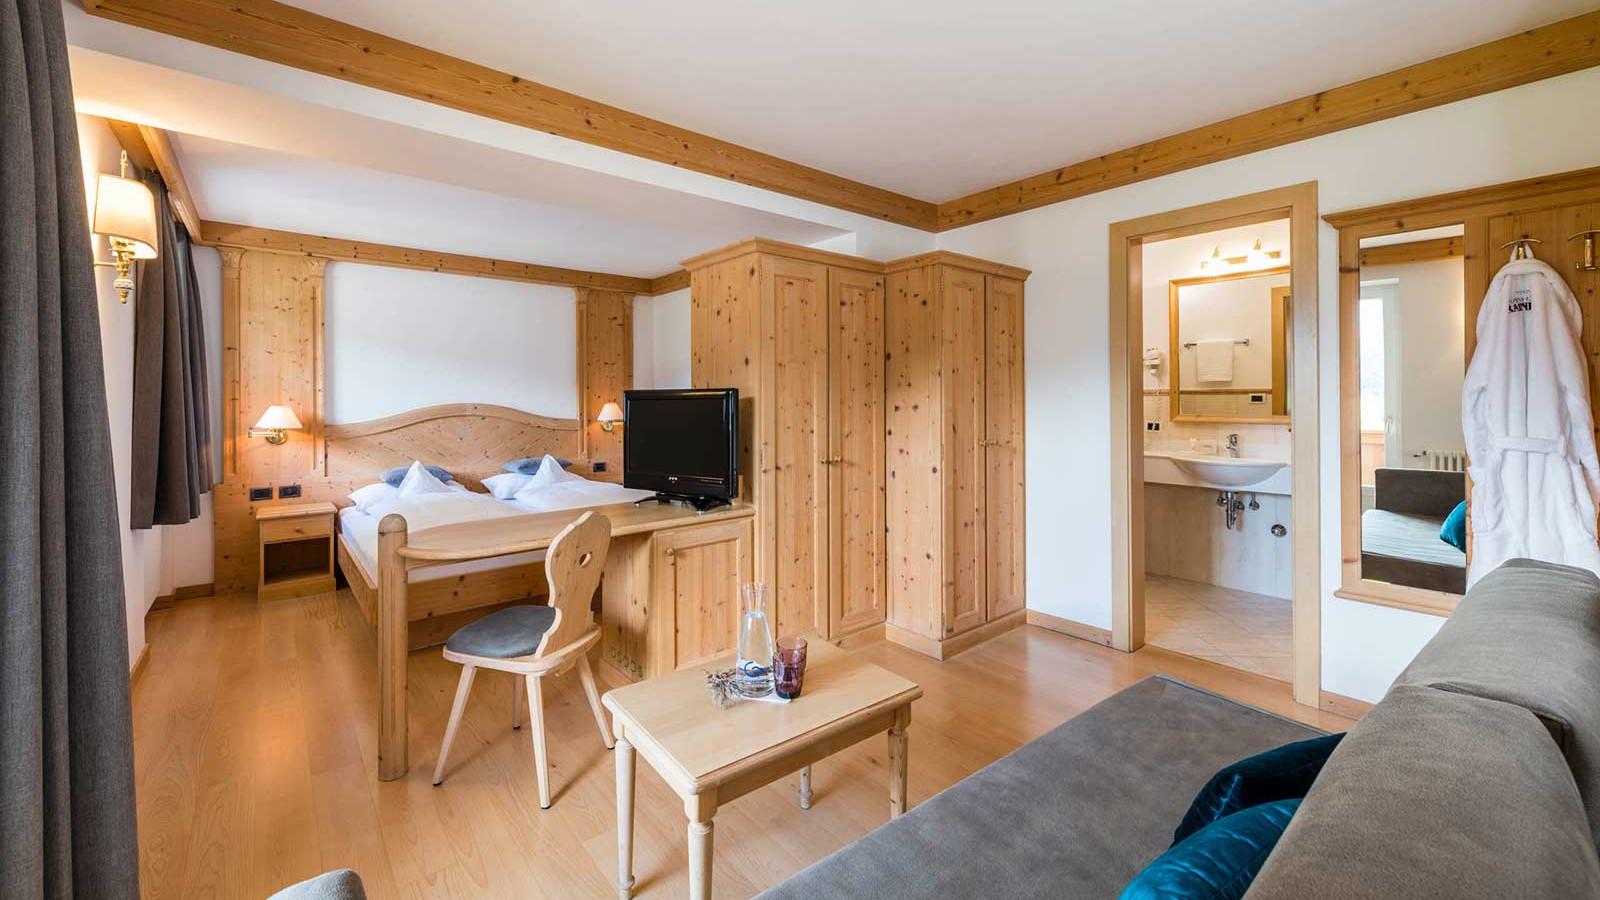 Alpenhotel Rainell - Room 2